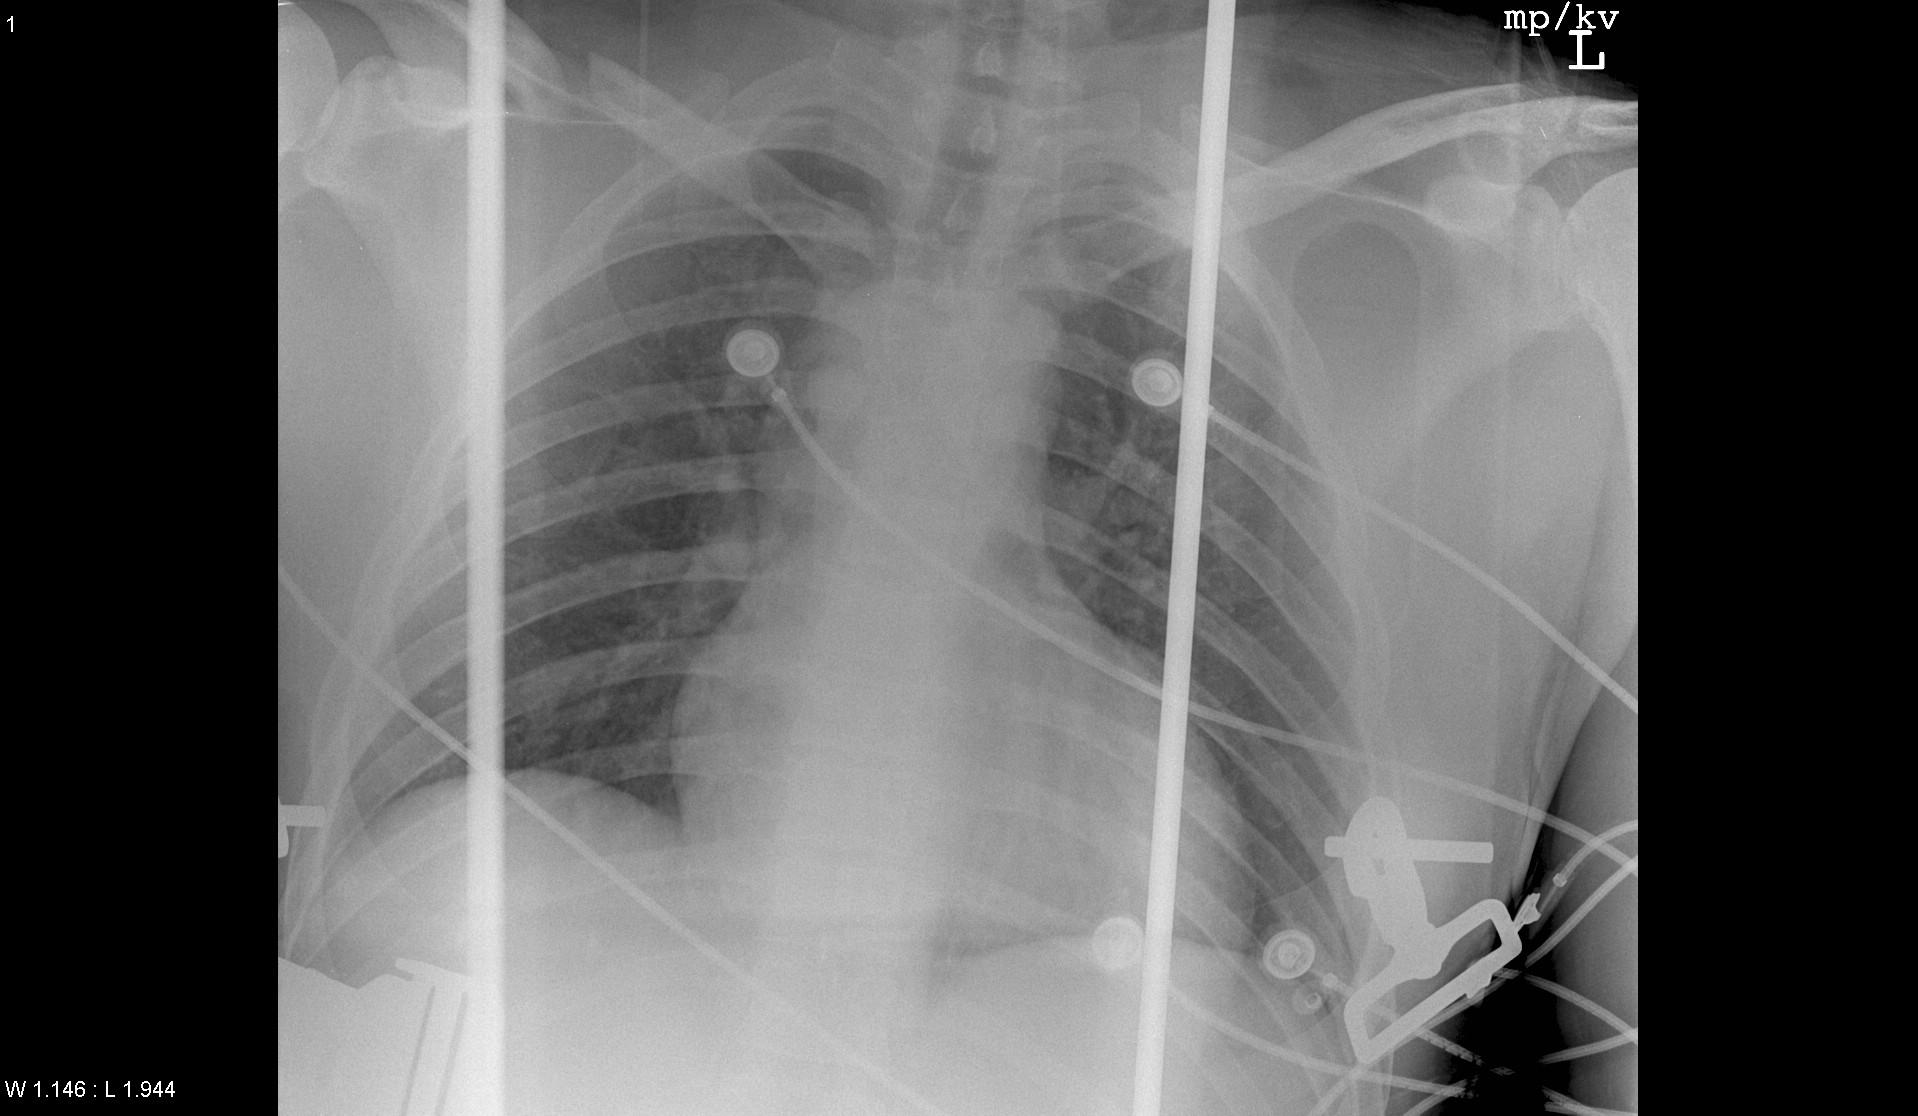 Emergency and Trauma Radiology